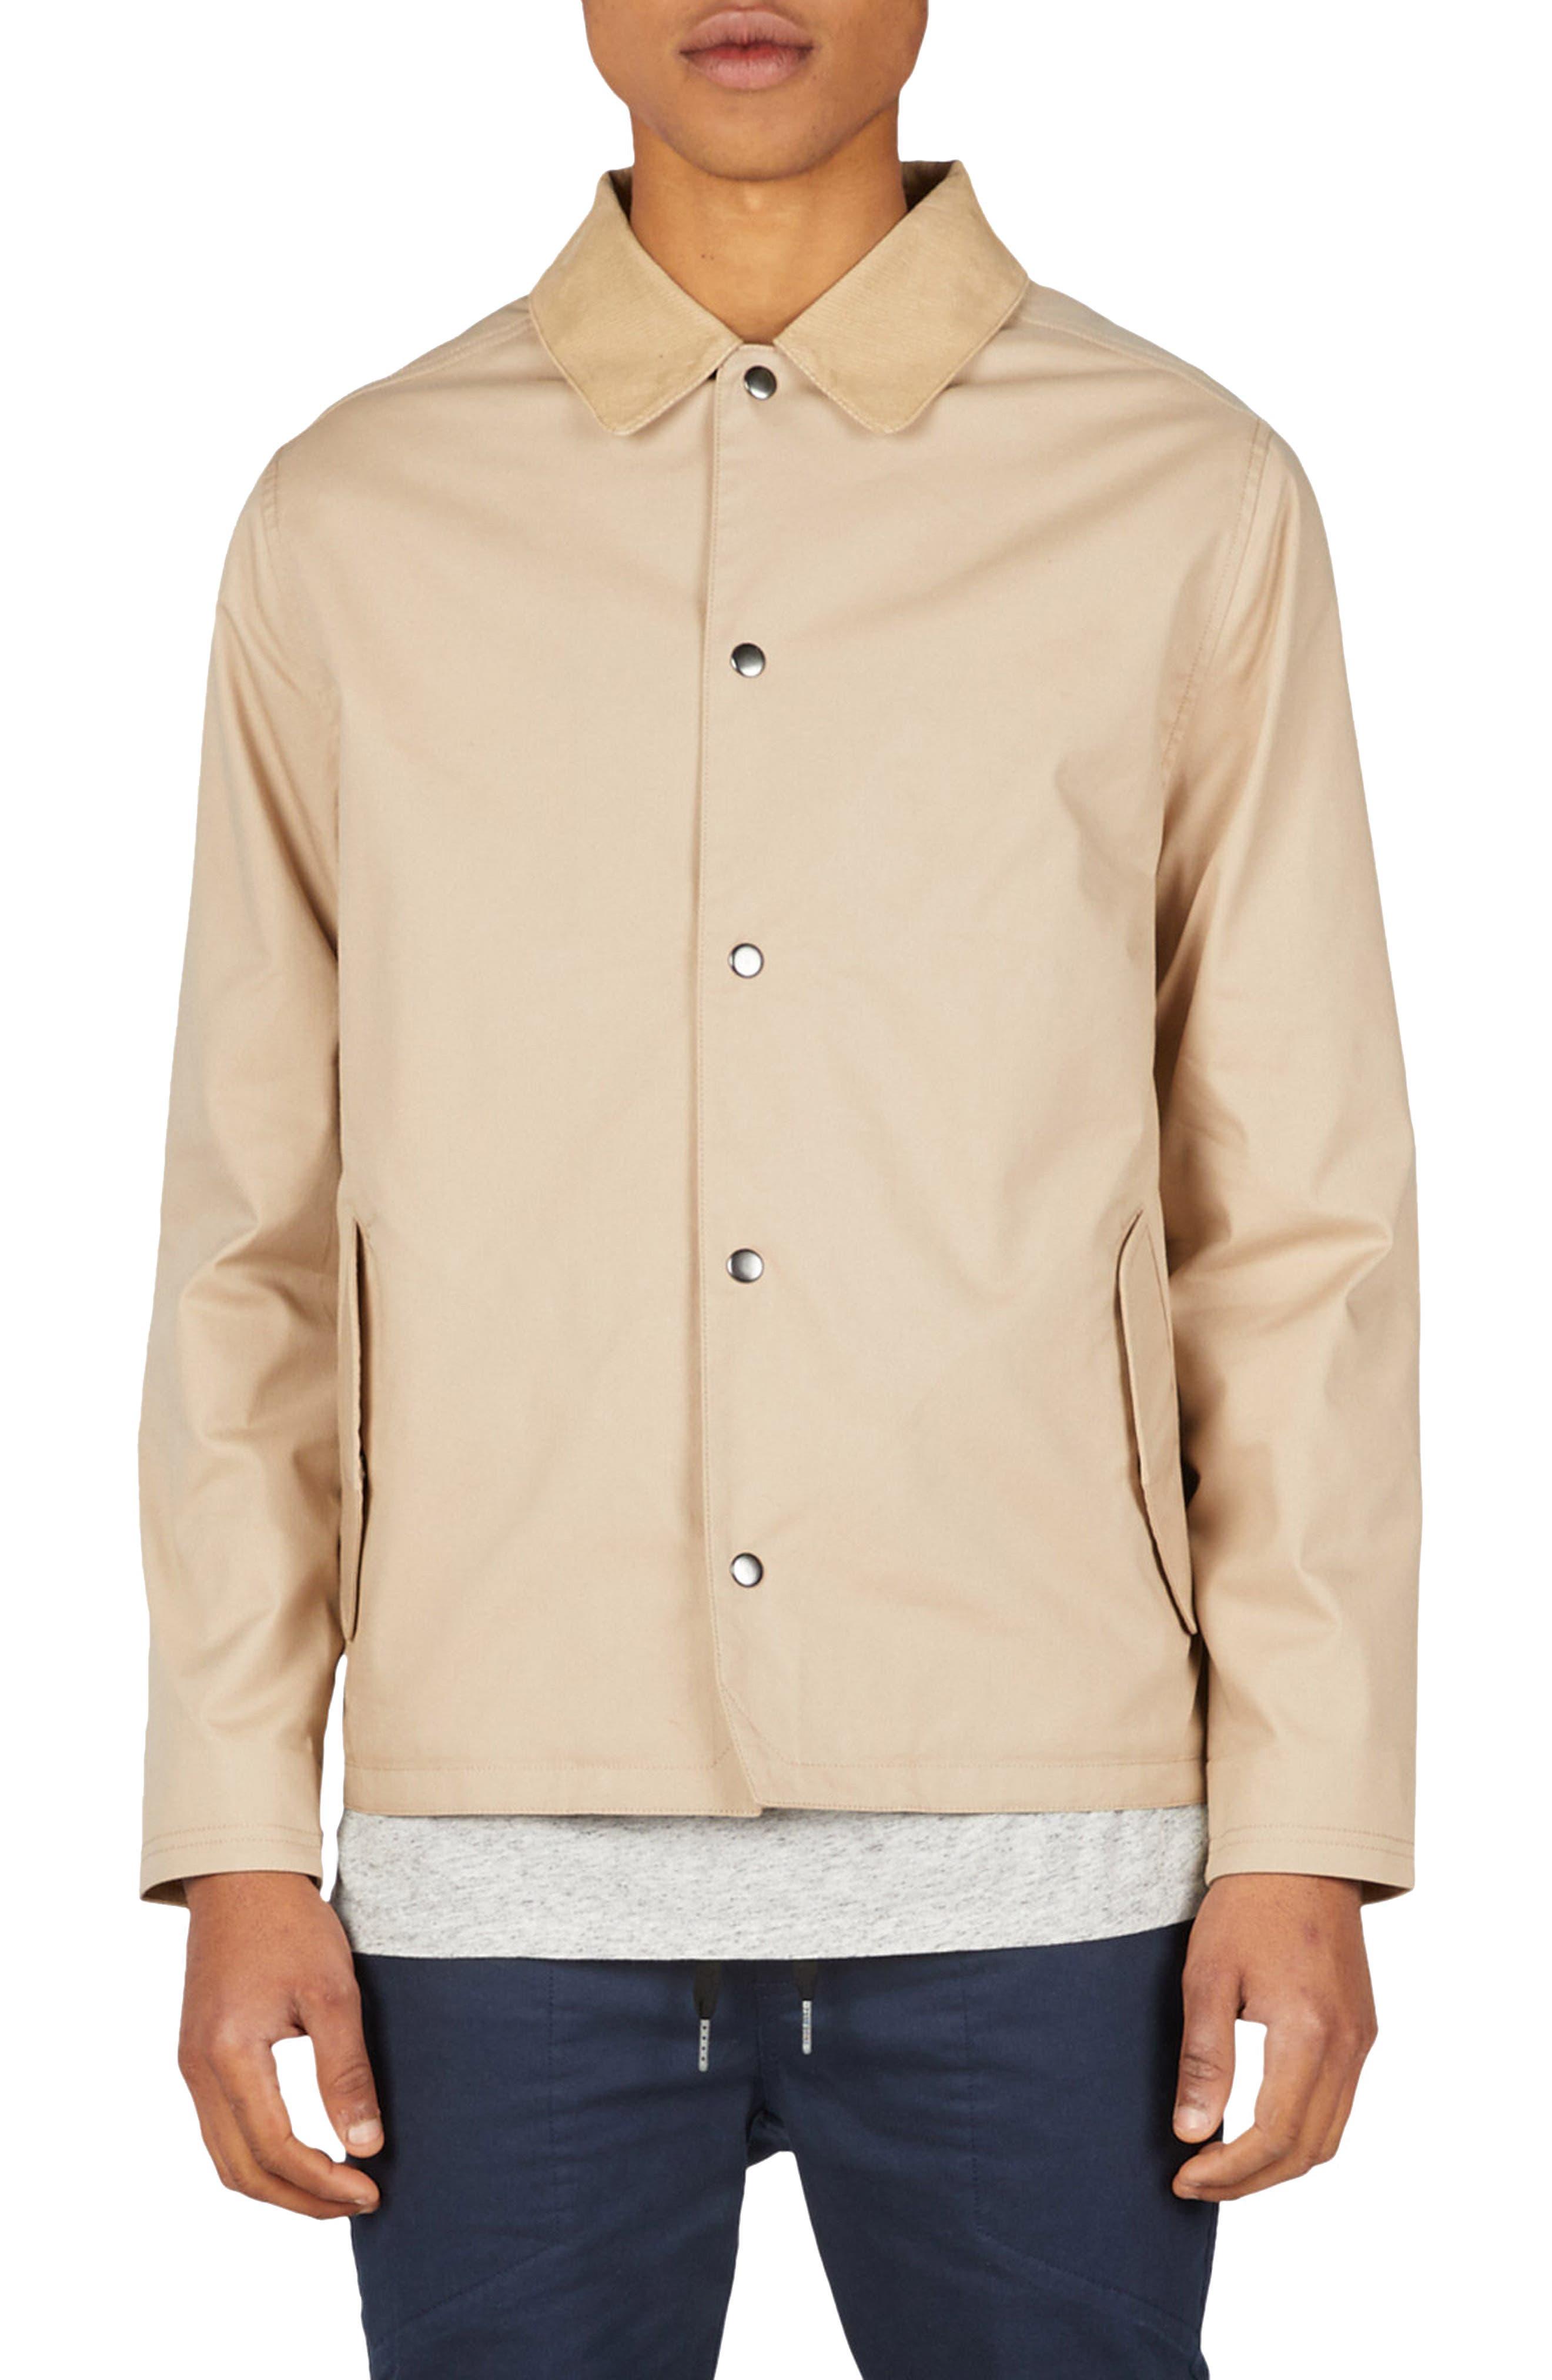 Coach's Jacket,                             Main thumbnail 1, color,                             Natural/ Black